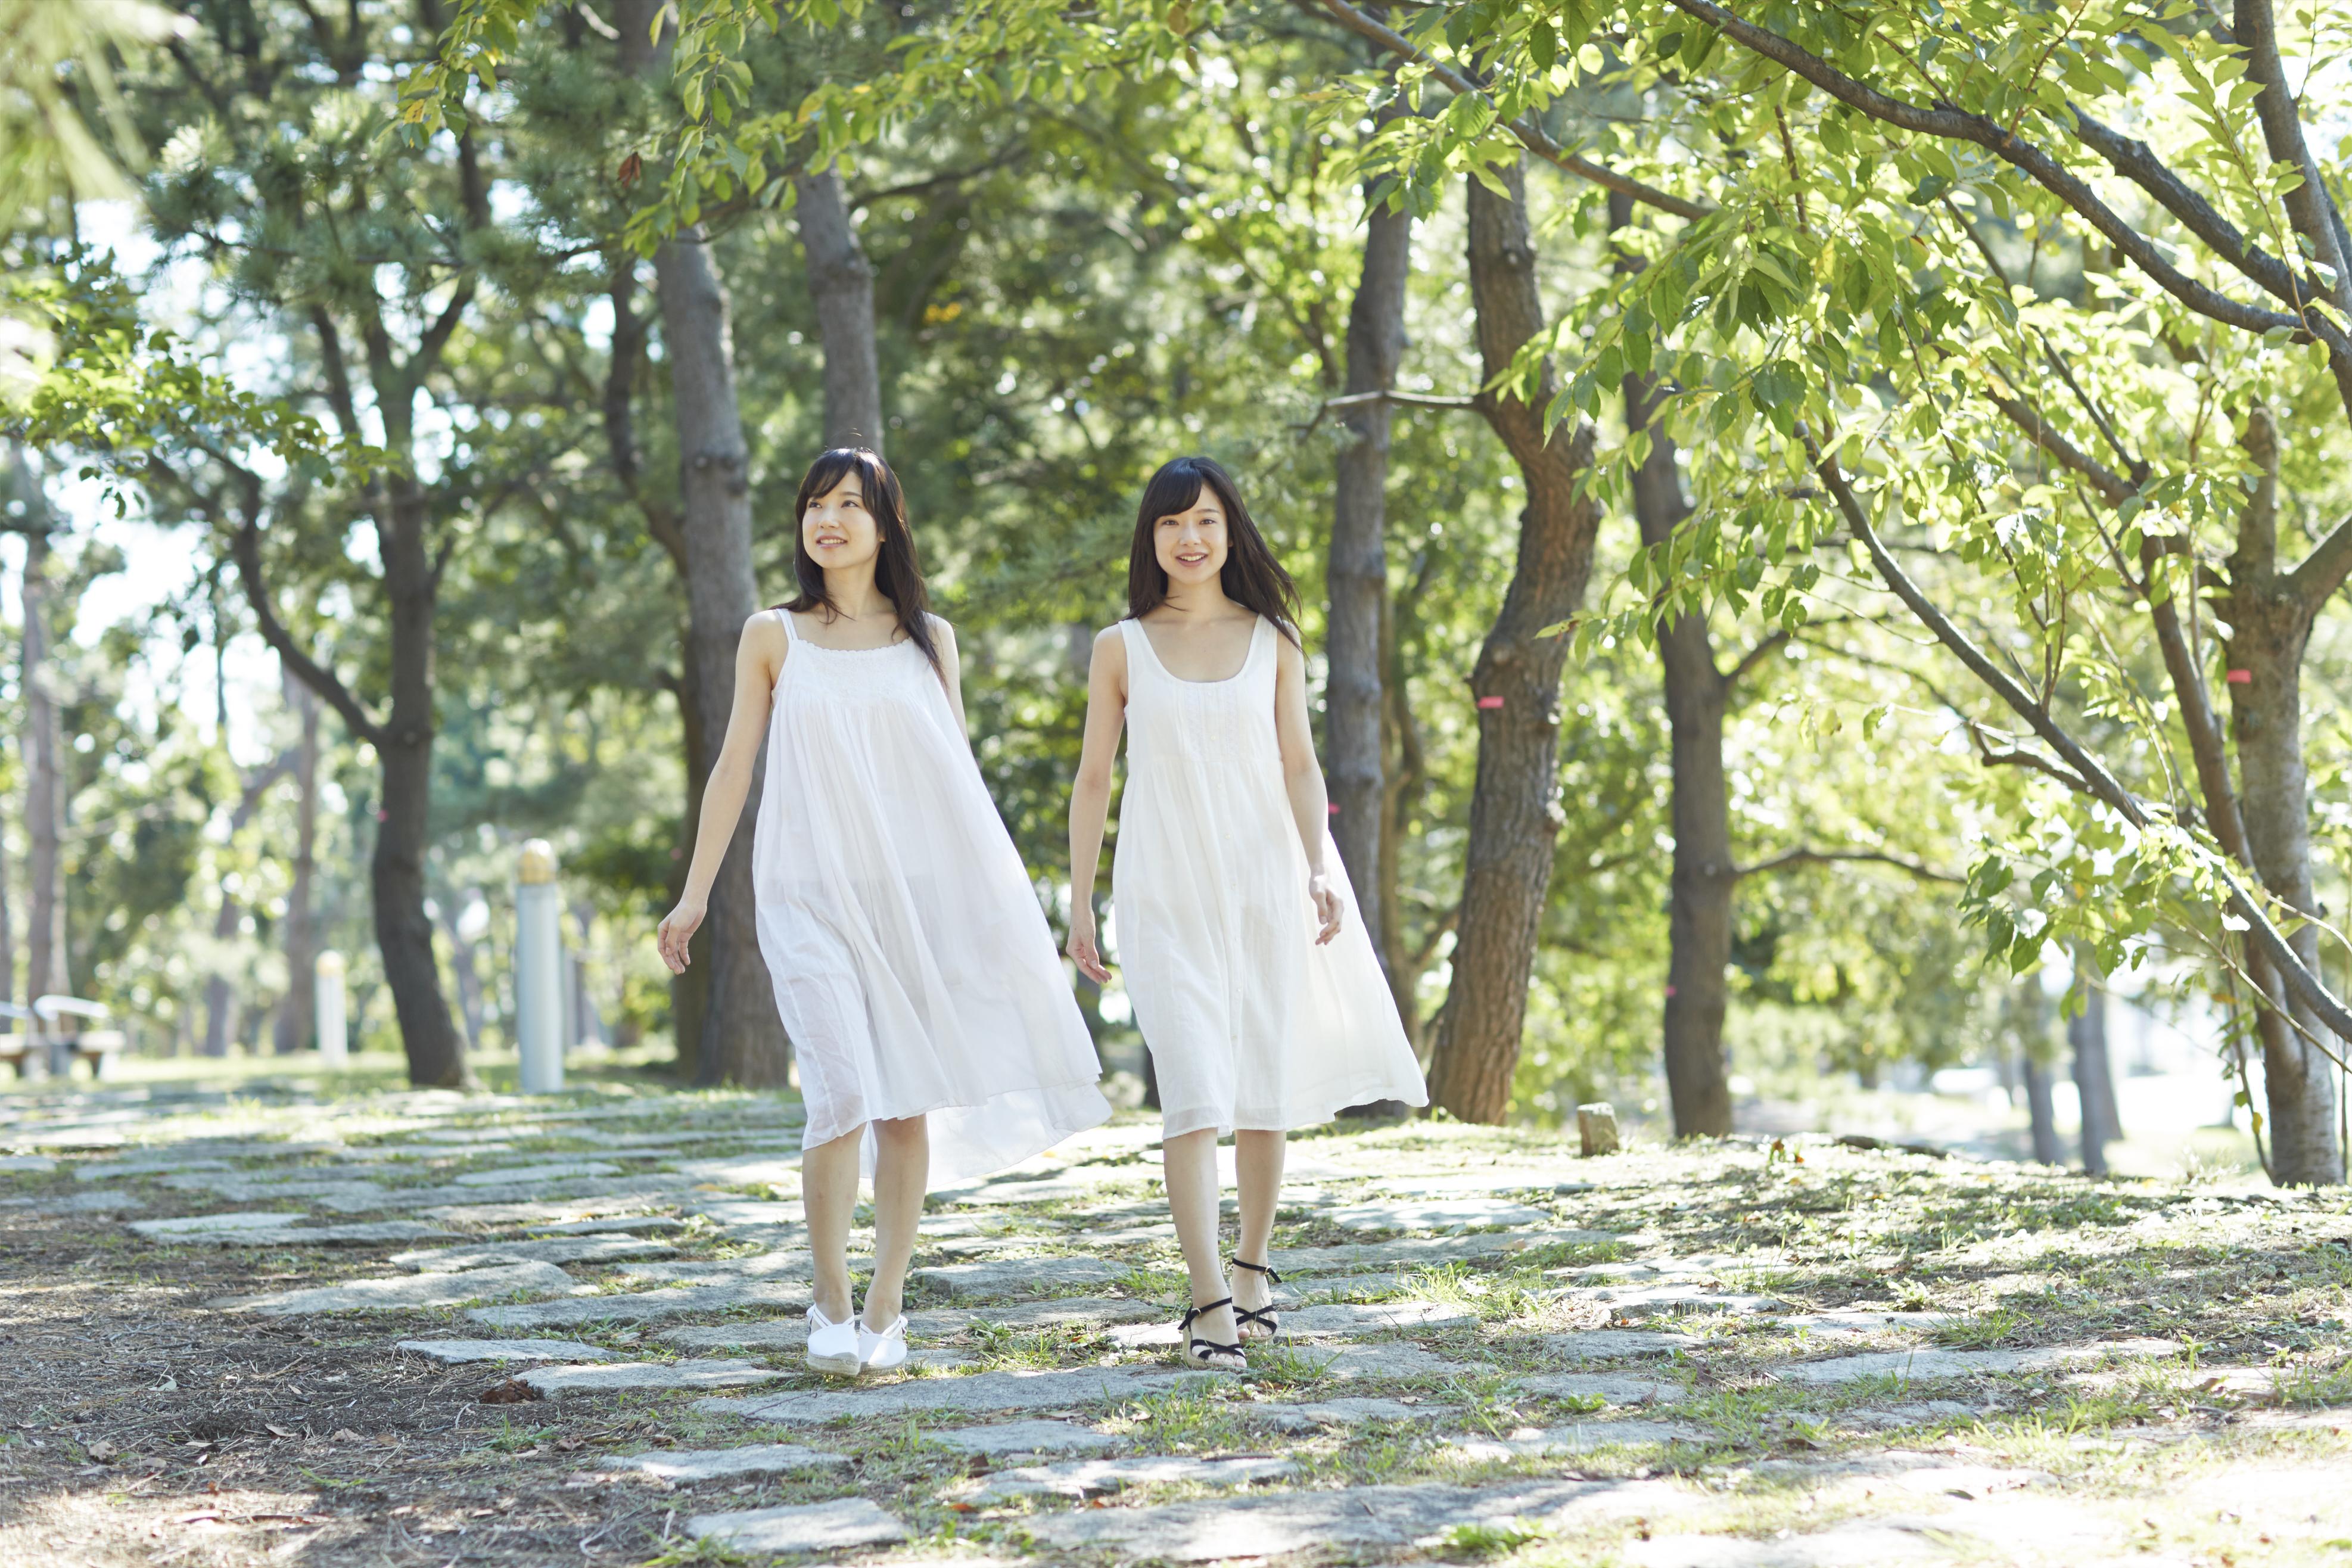 【未経験者歓迎】札幌にて新規アイドルユニットメンバー募集開始